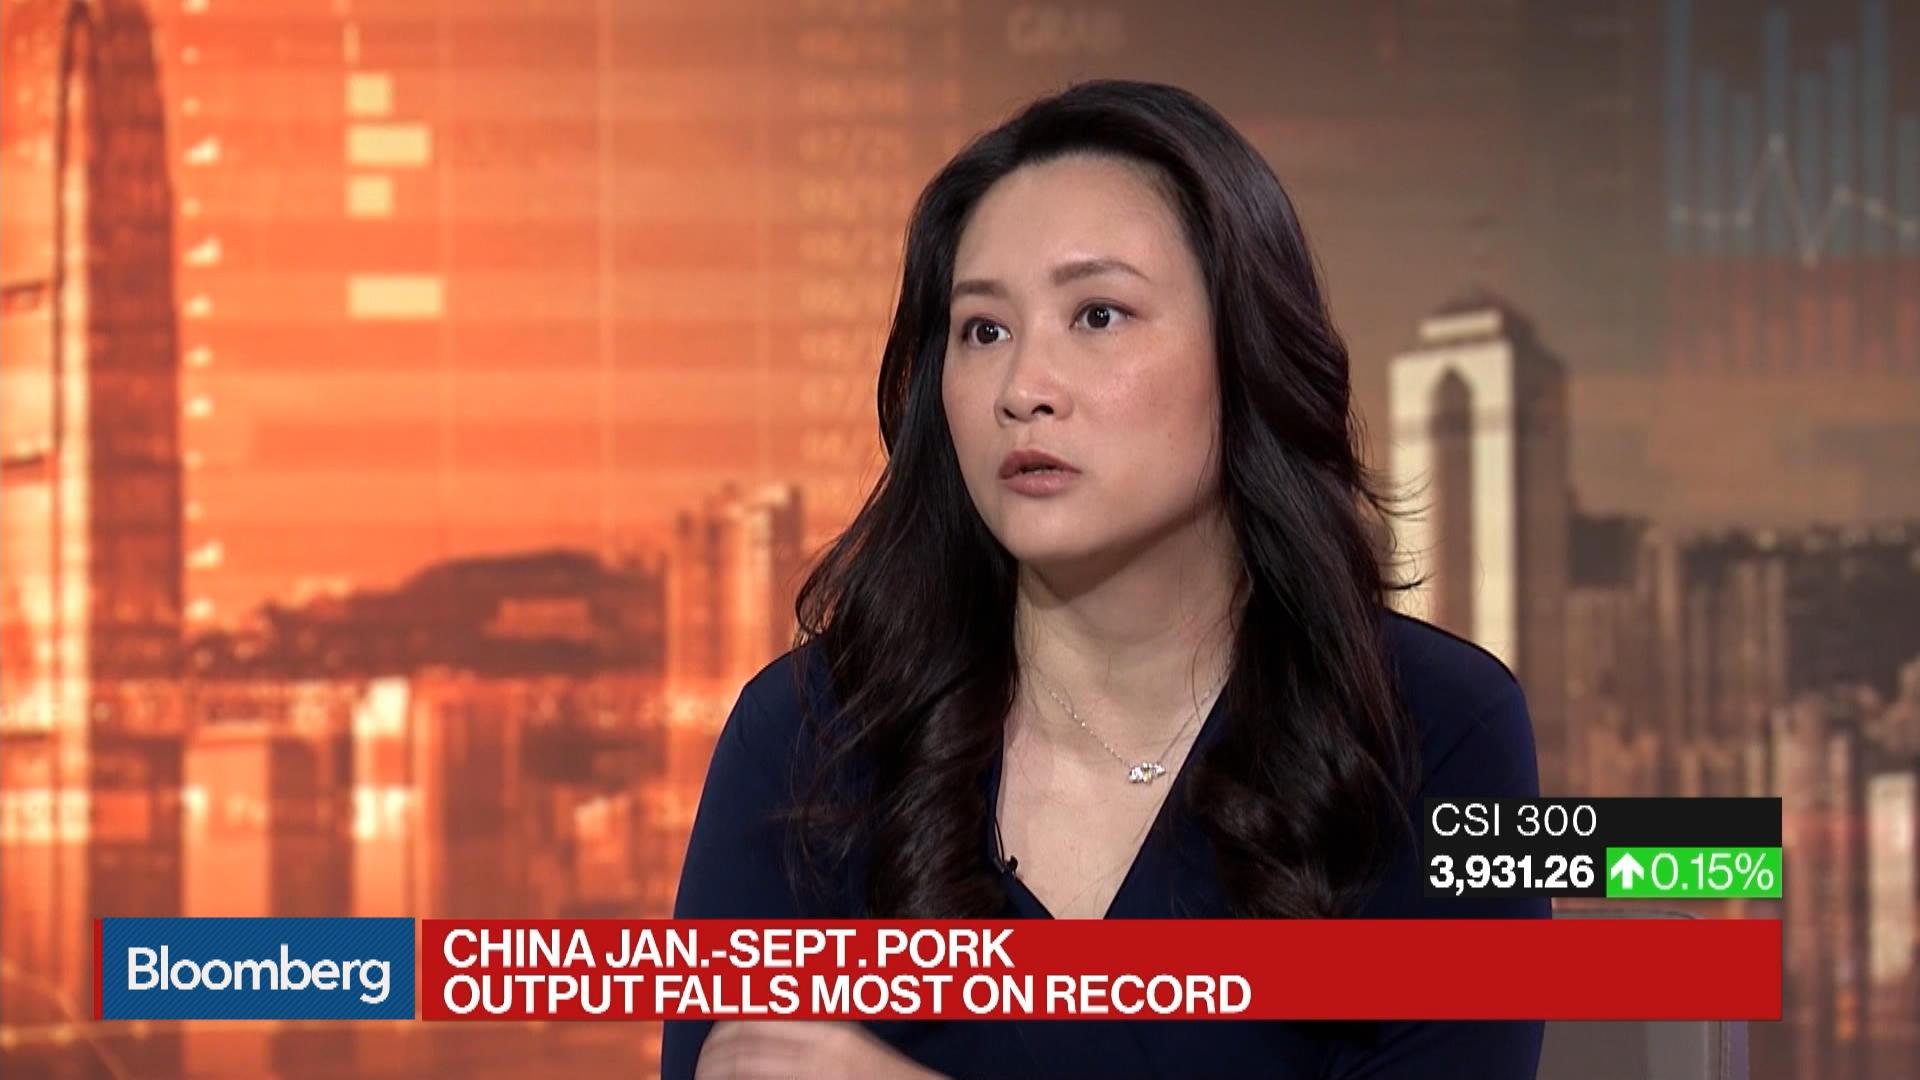 Iris Pang, Economist at ING Bank, on China's Economy, Policies